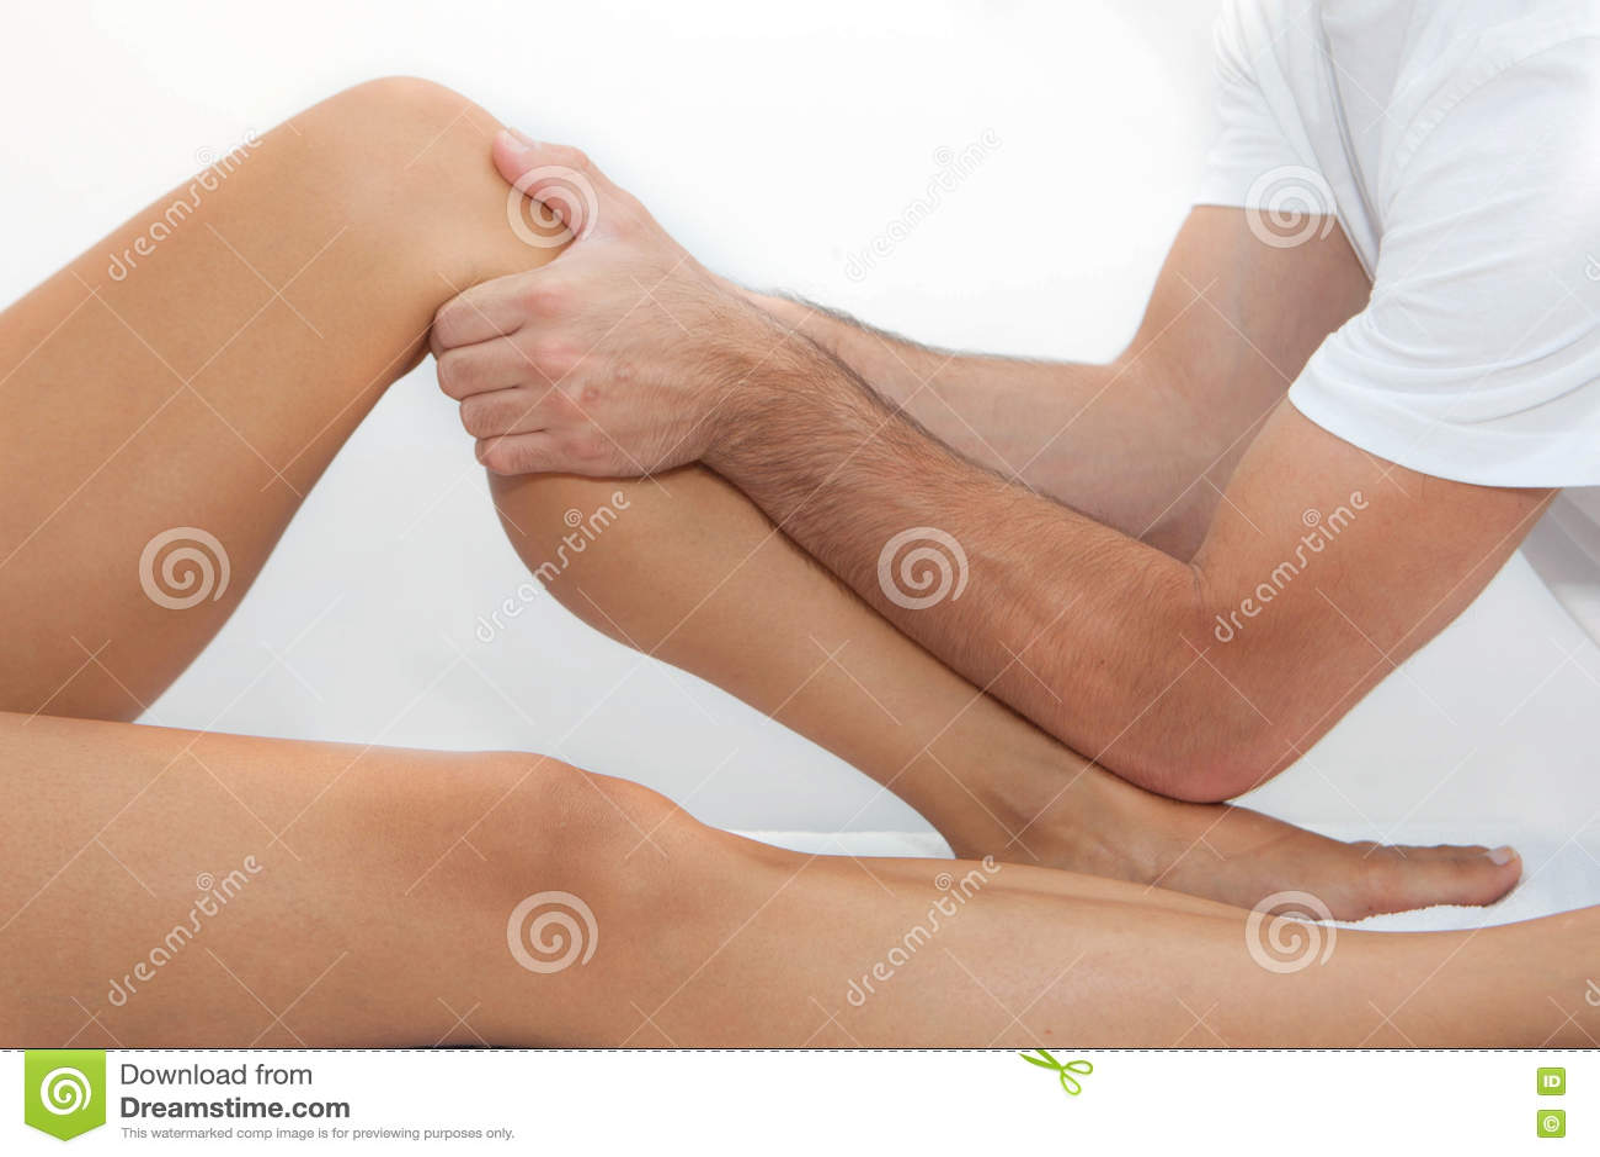 Massagem terapêutica do pé